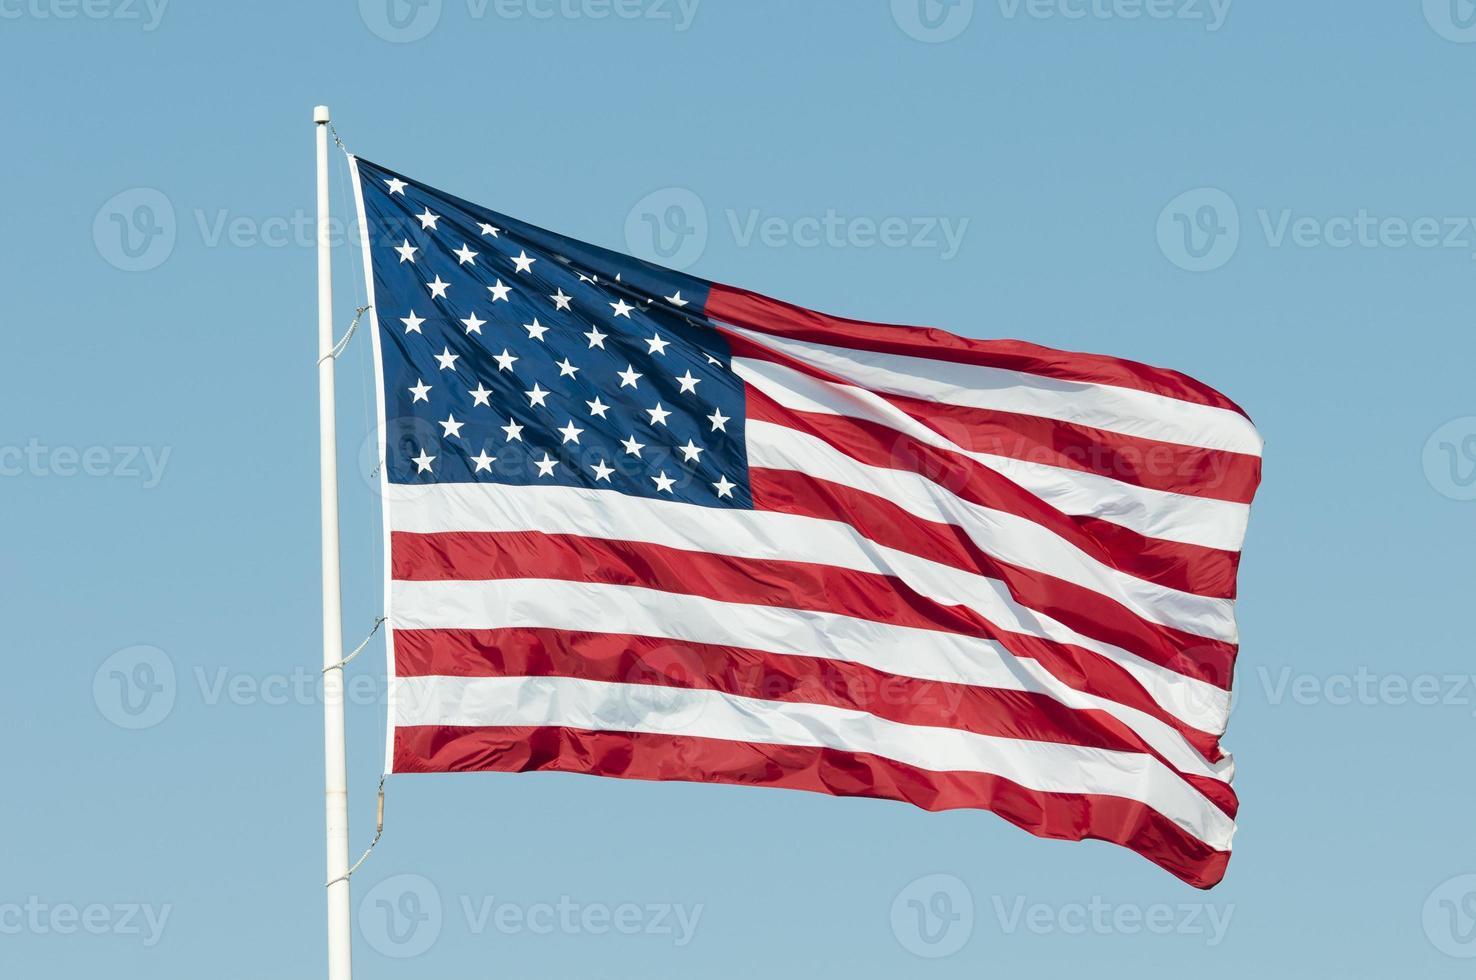 Amerikaanse vlag zwaaien in blauwe lucht foto